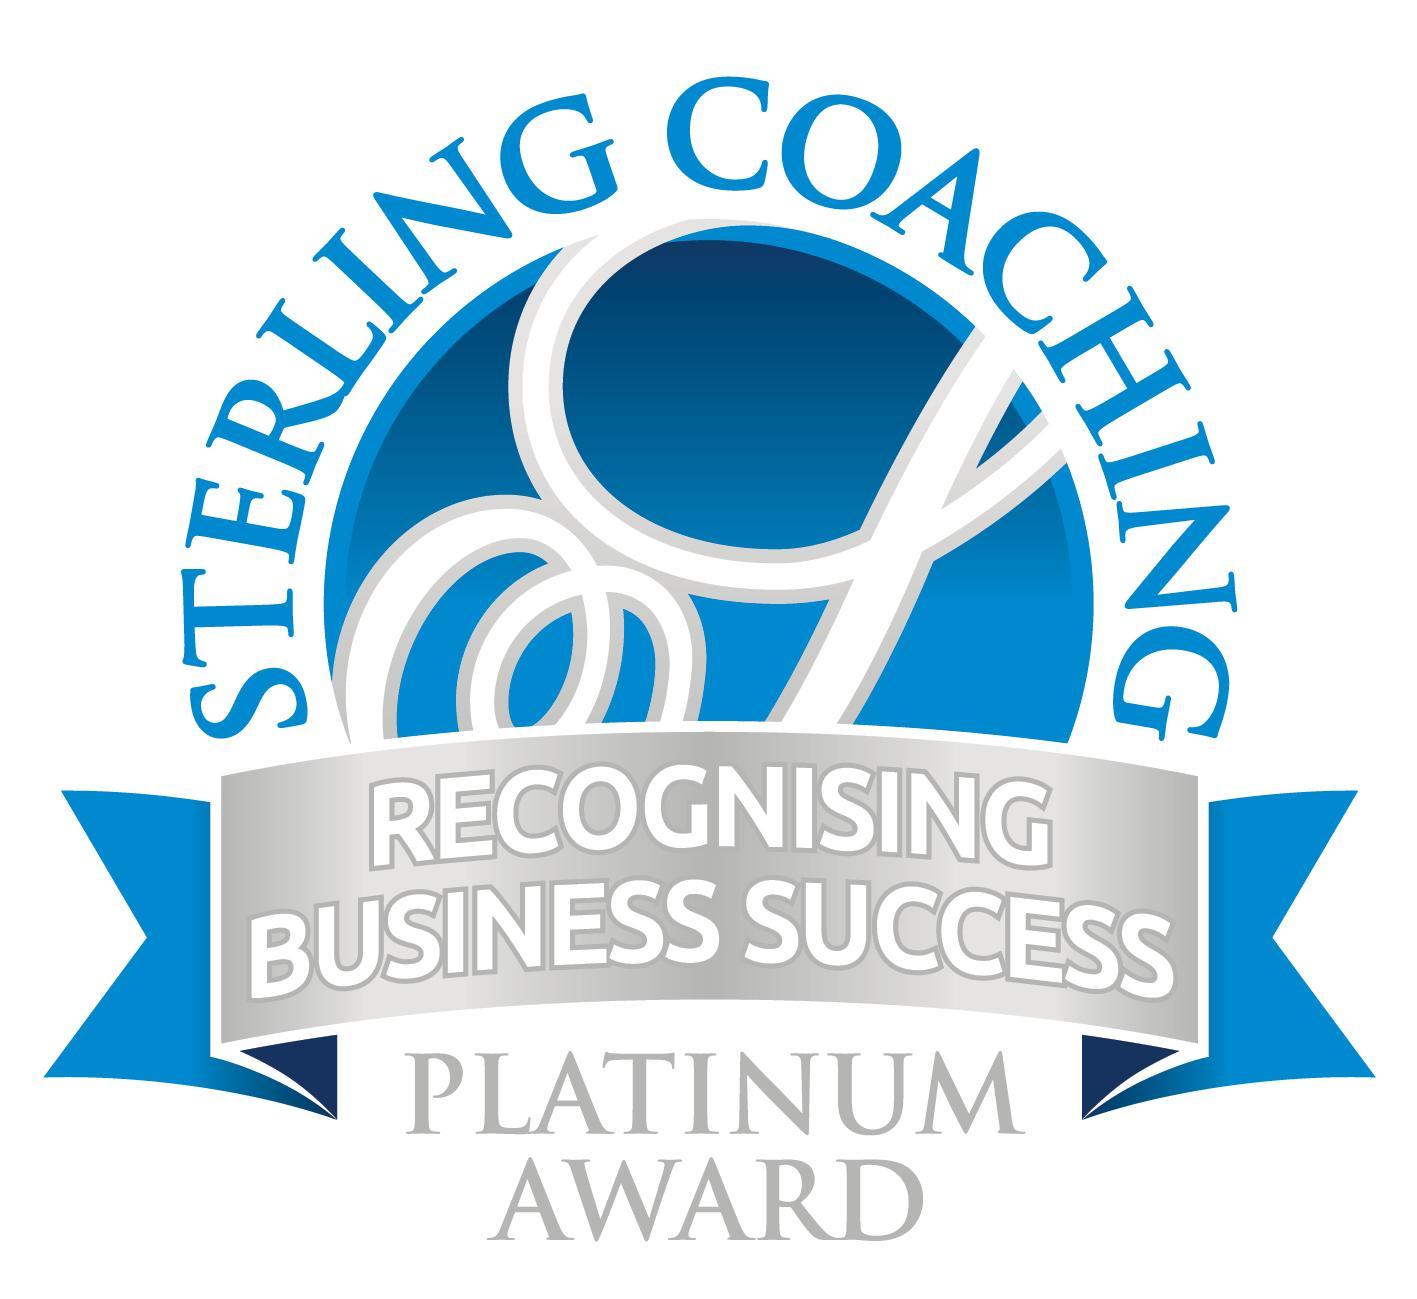 STERLING-RECOGNITION-PLATINUM